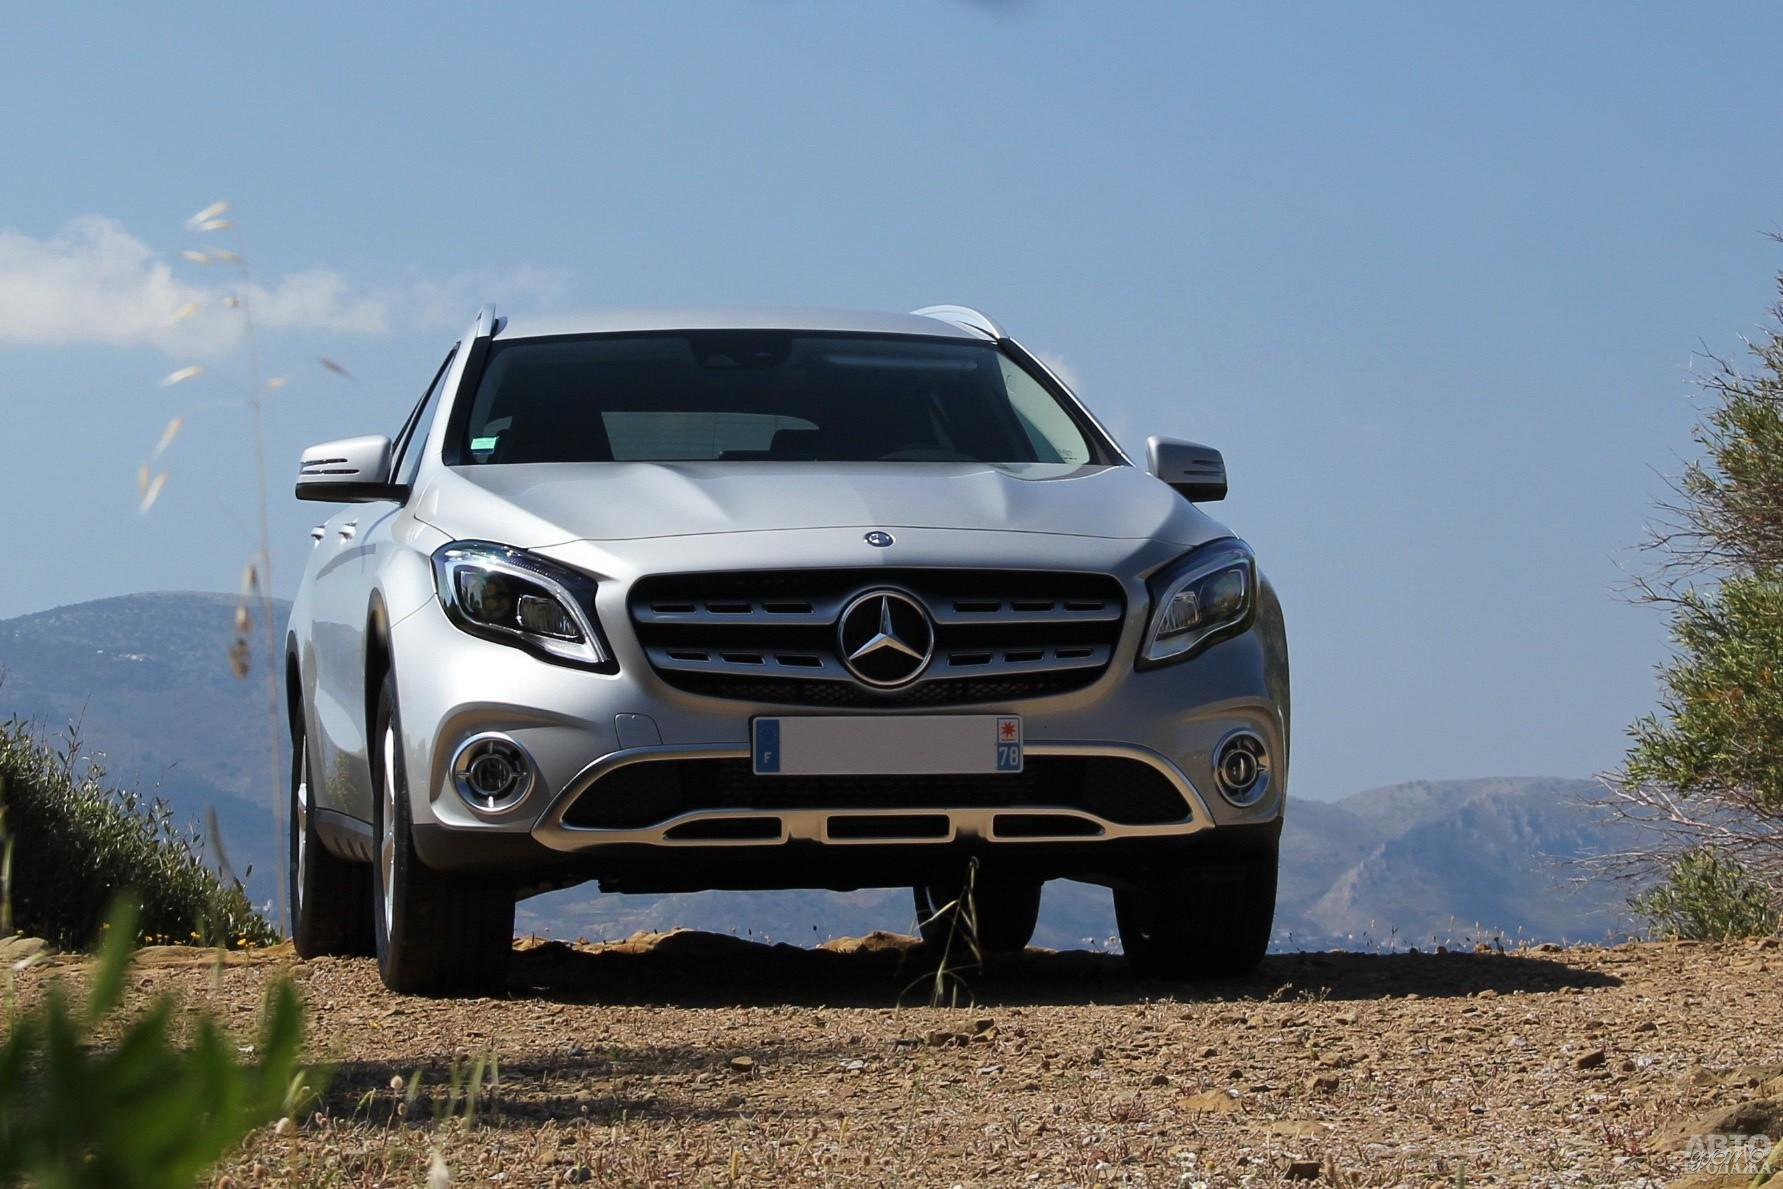 Широкая решетка радиатора Mercedes-Benz_GLA украшена трехлучевой звездой